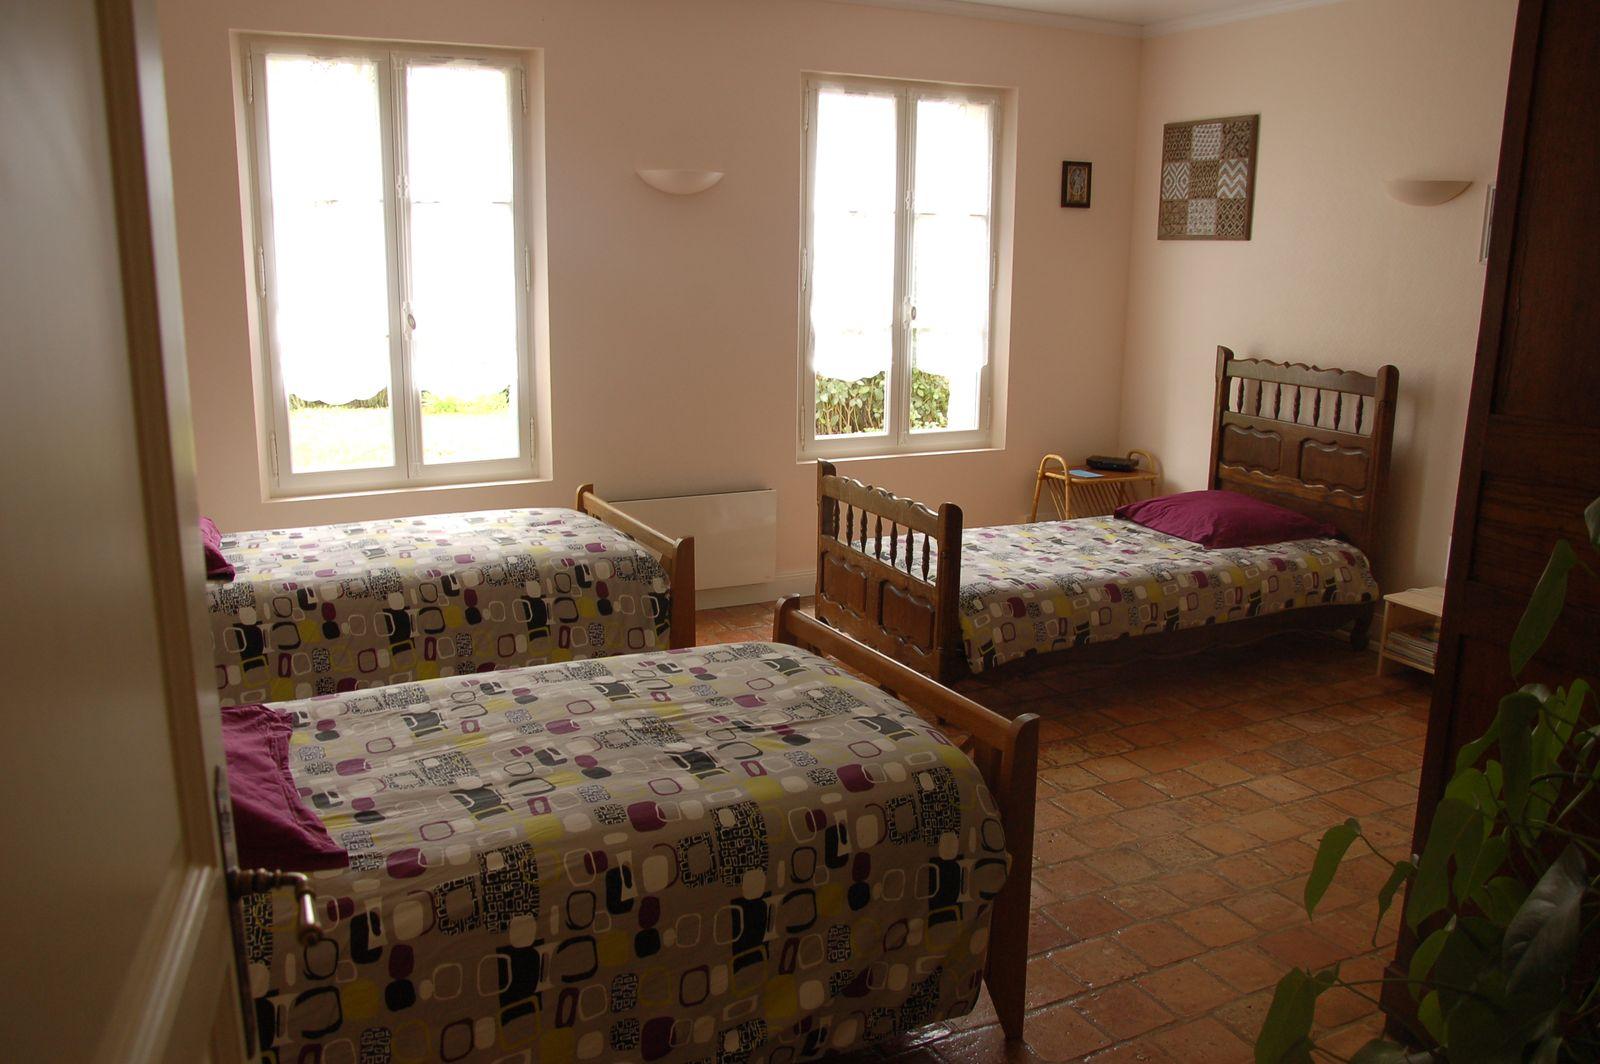 Chambre dotée de trois lits simples au rez-de-chaussée, côté jardin. 51G465 - Le Cabanon Champenois - Ambonnay - Gîtes de France Marne